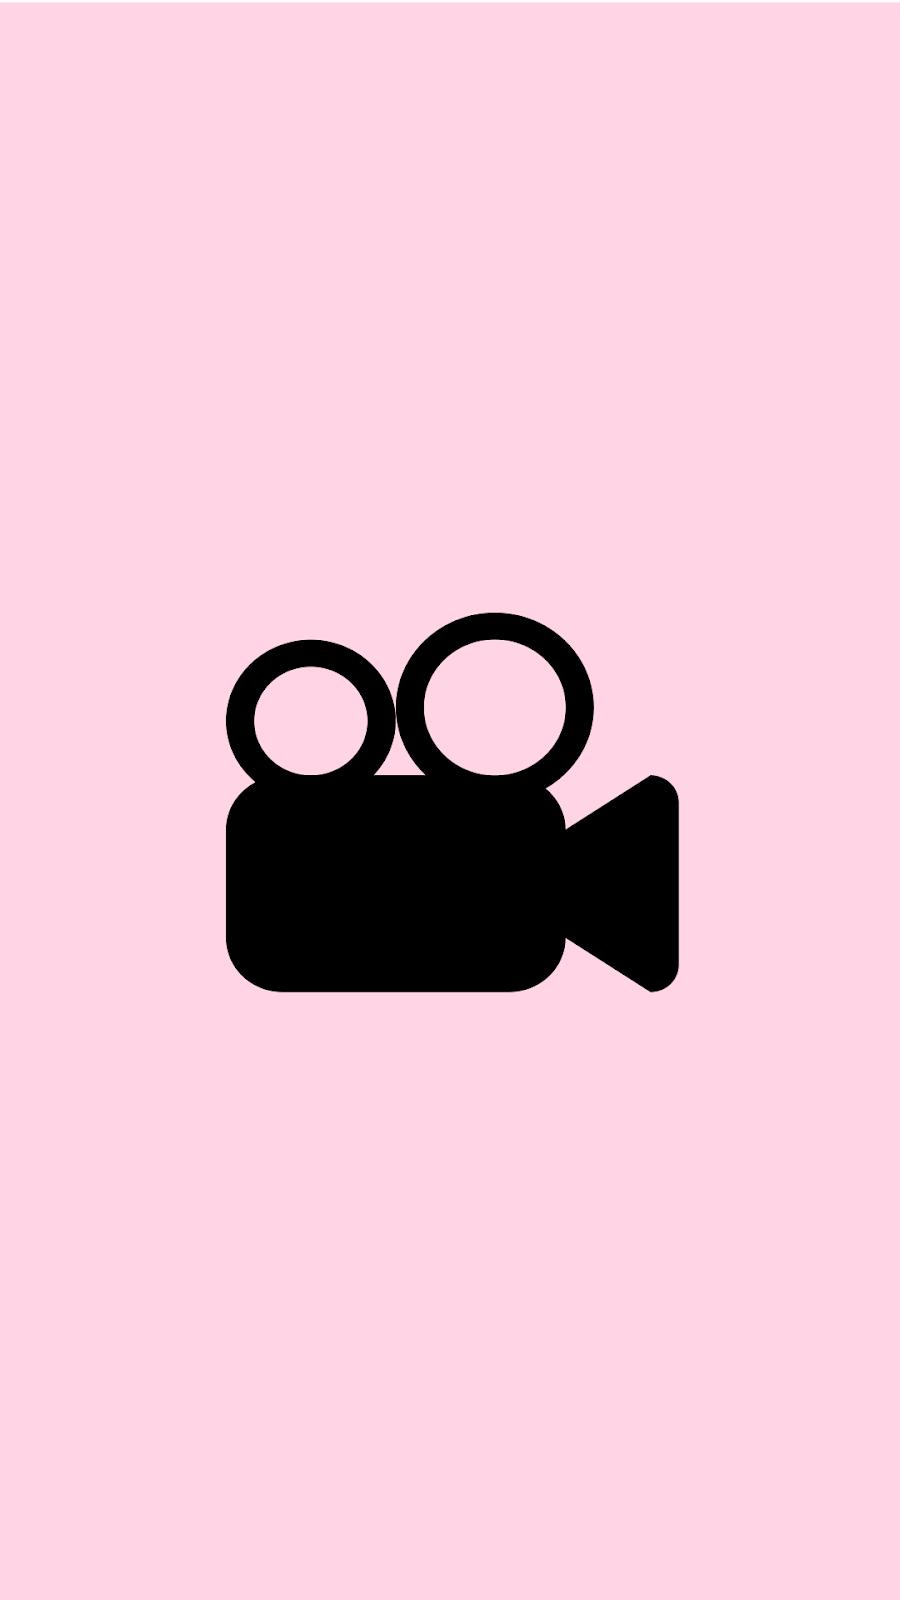 Imagens do instagram em clipart graphic transparent download Capa para coleção de stories no Instagram. Imagens para Instragram ... graphic transparent download